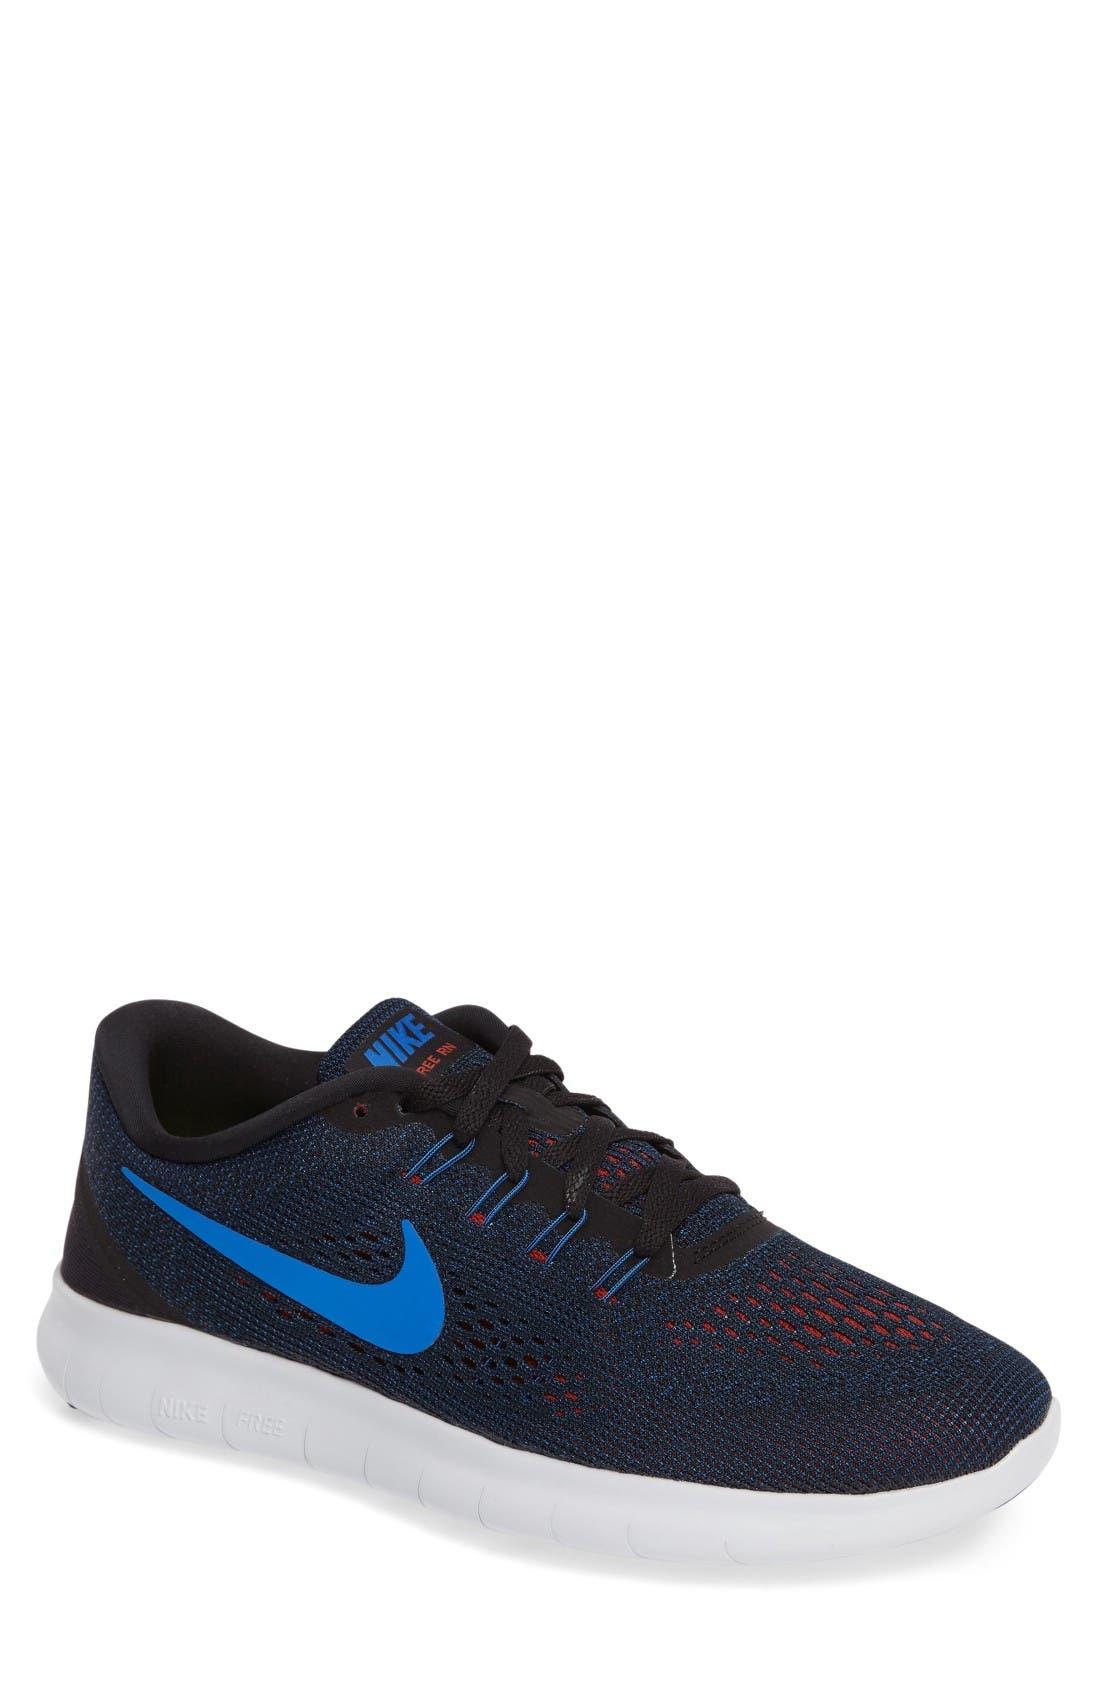 Alternate Image 1 Selected - Nike 'Free RN' Running Shoe (Men)